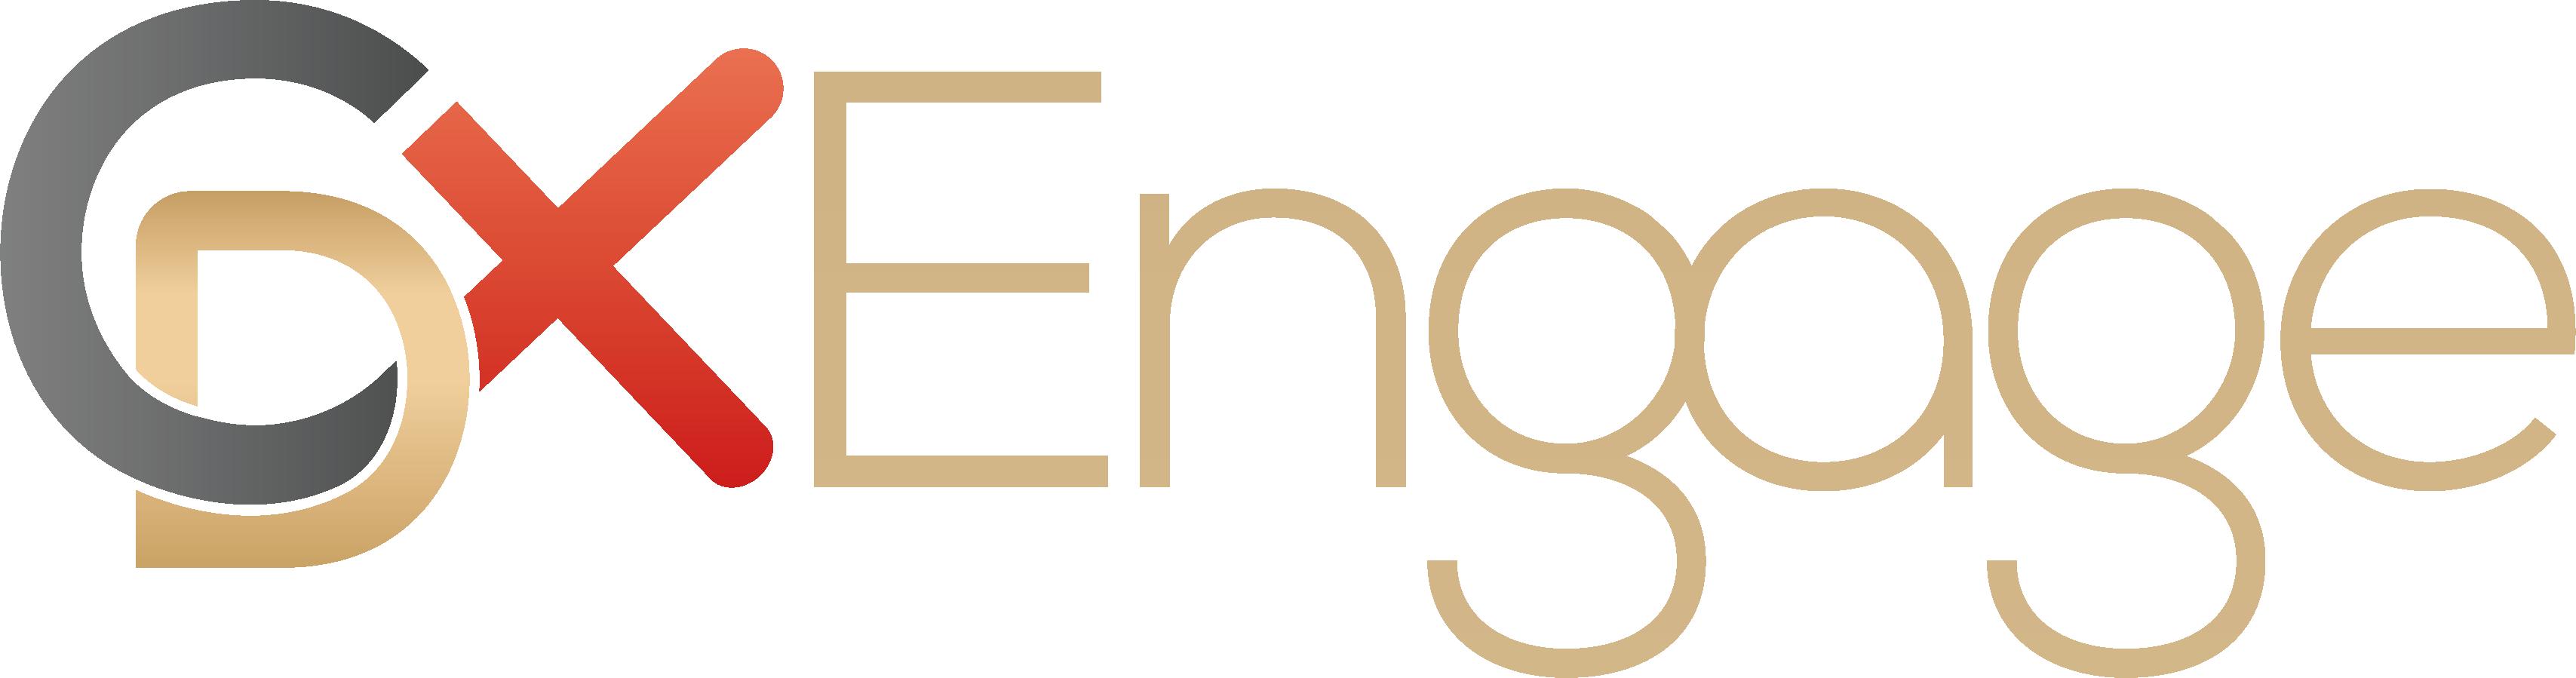 HW180918 CDx Engage logo